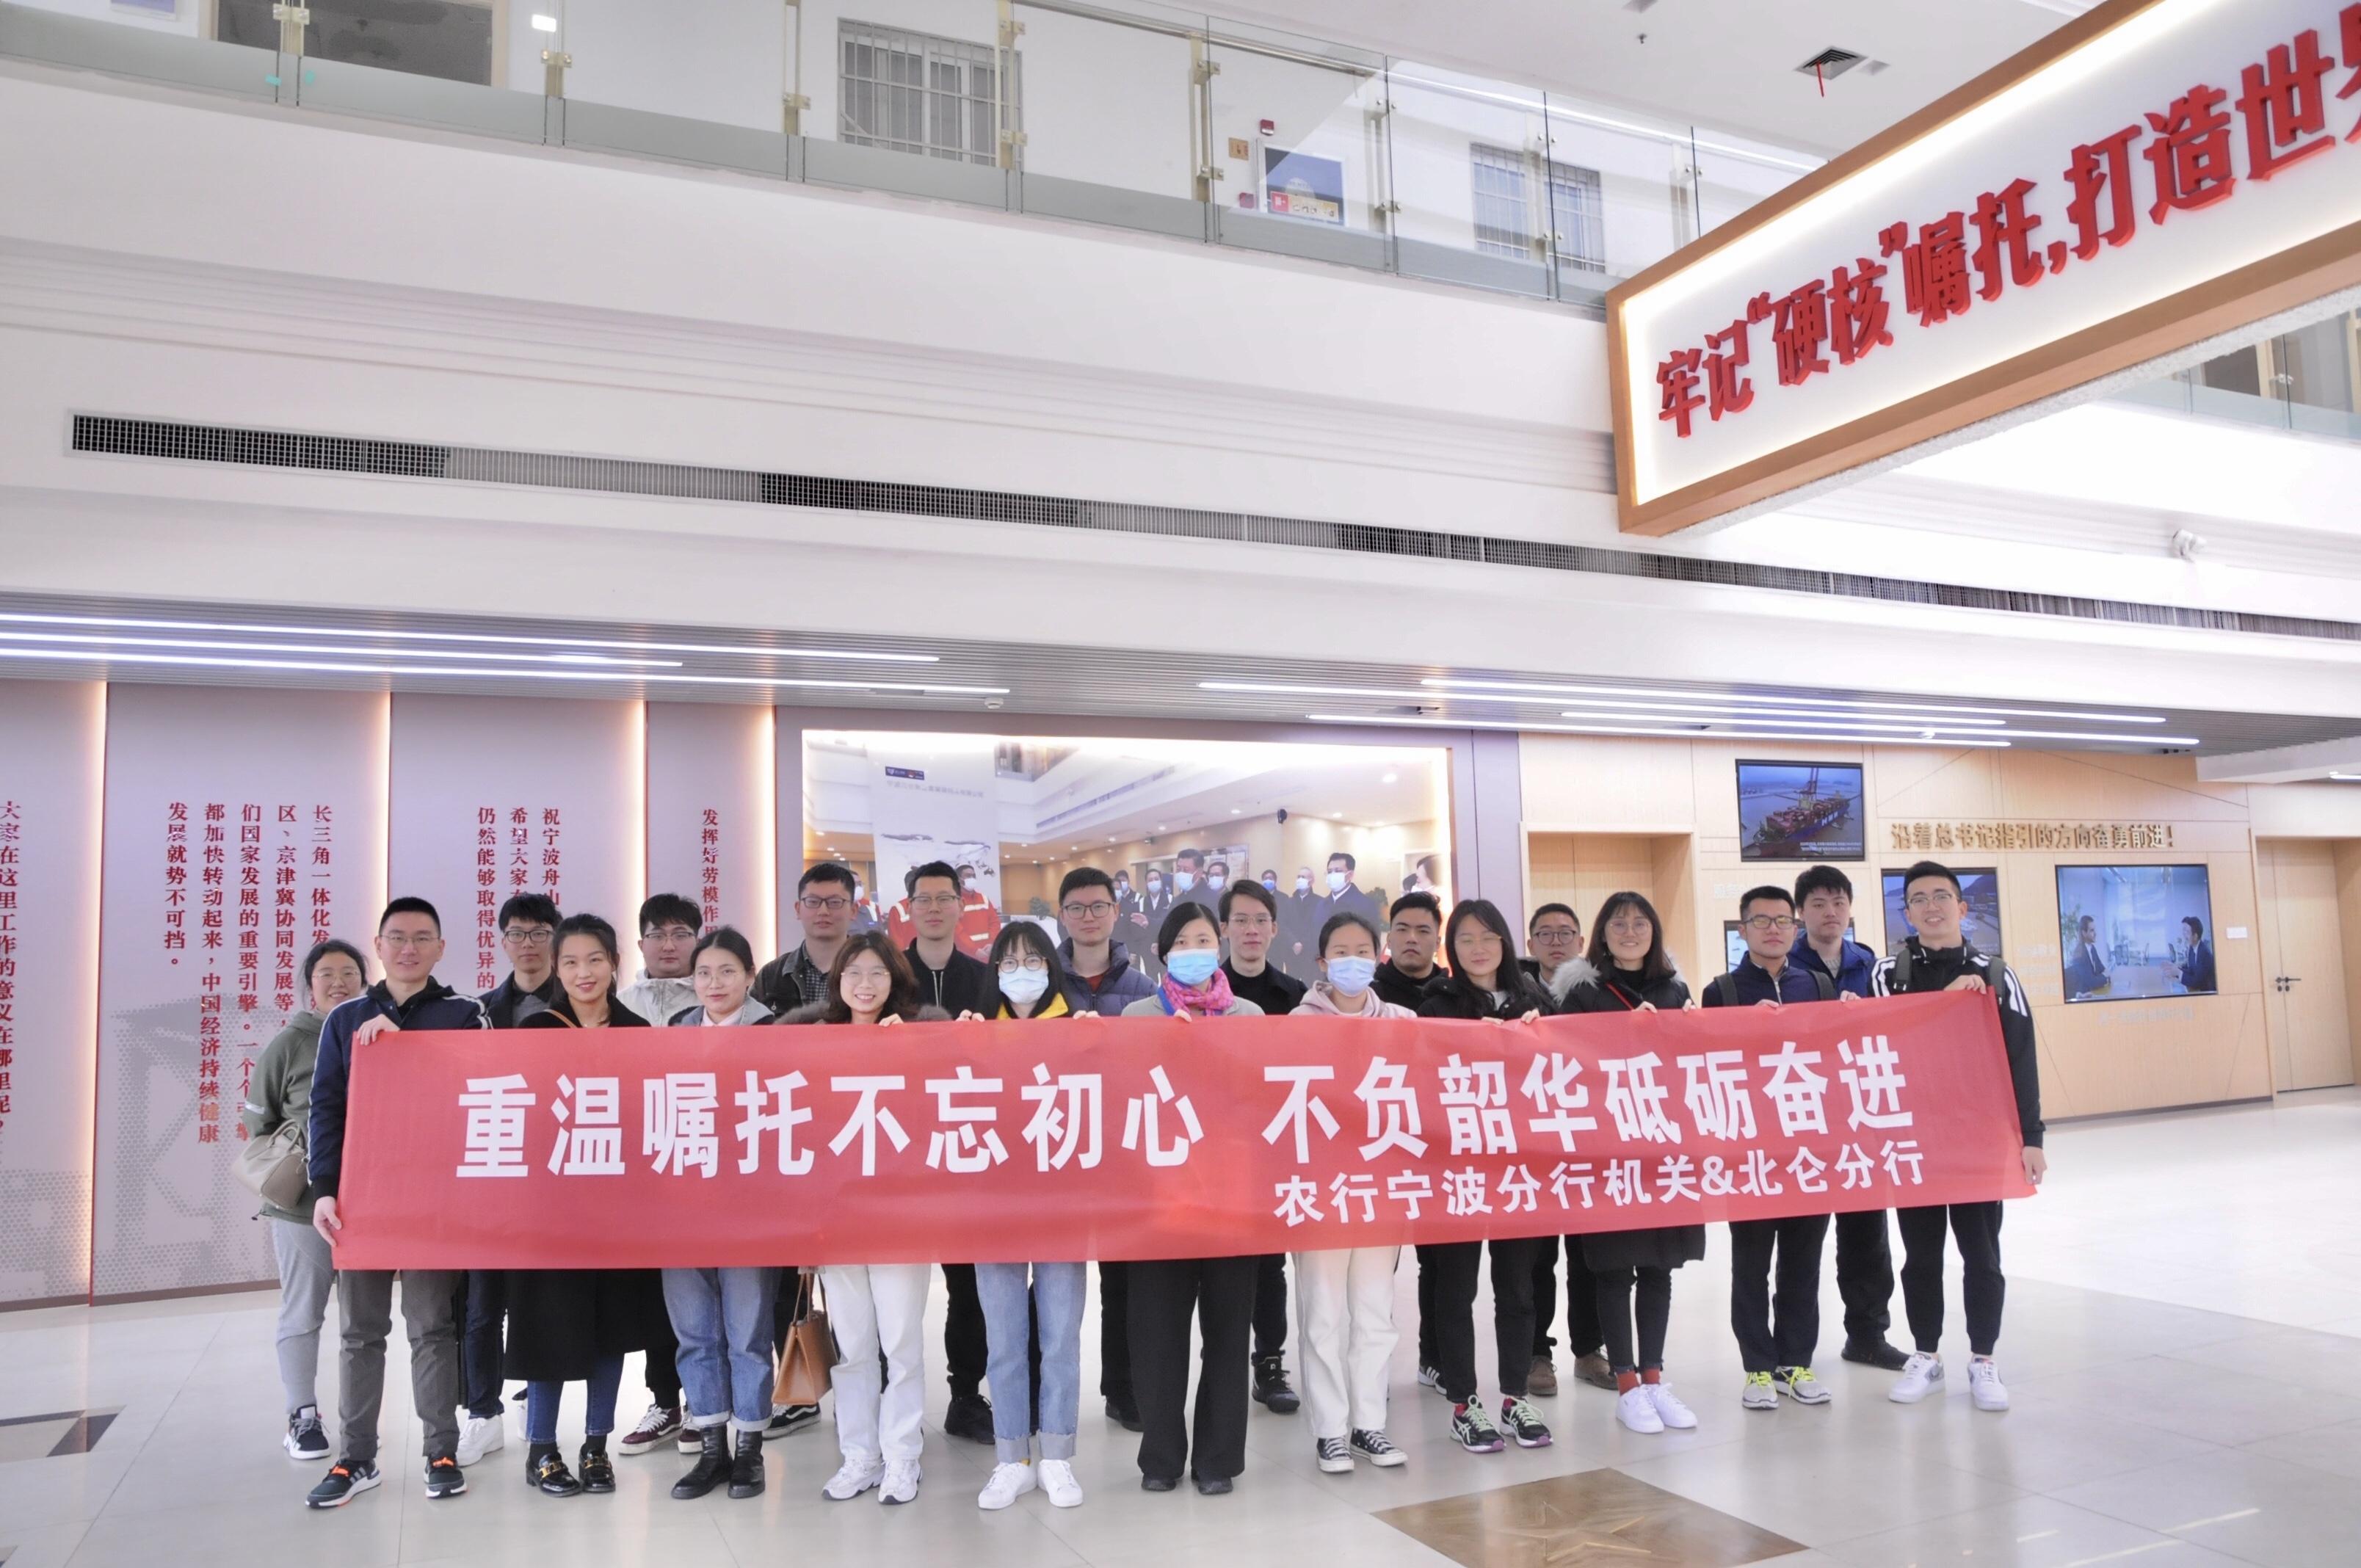 农业银行宁波市分行组织青年员工与宁波舟山港穿山港区开展党建共建活动。(郭星雲 摄)